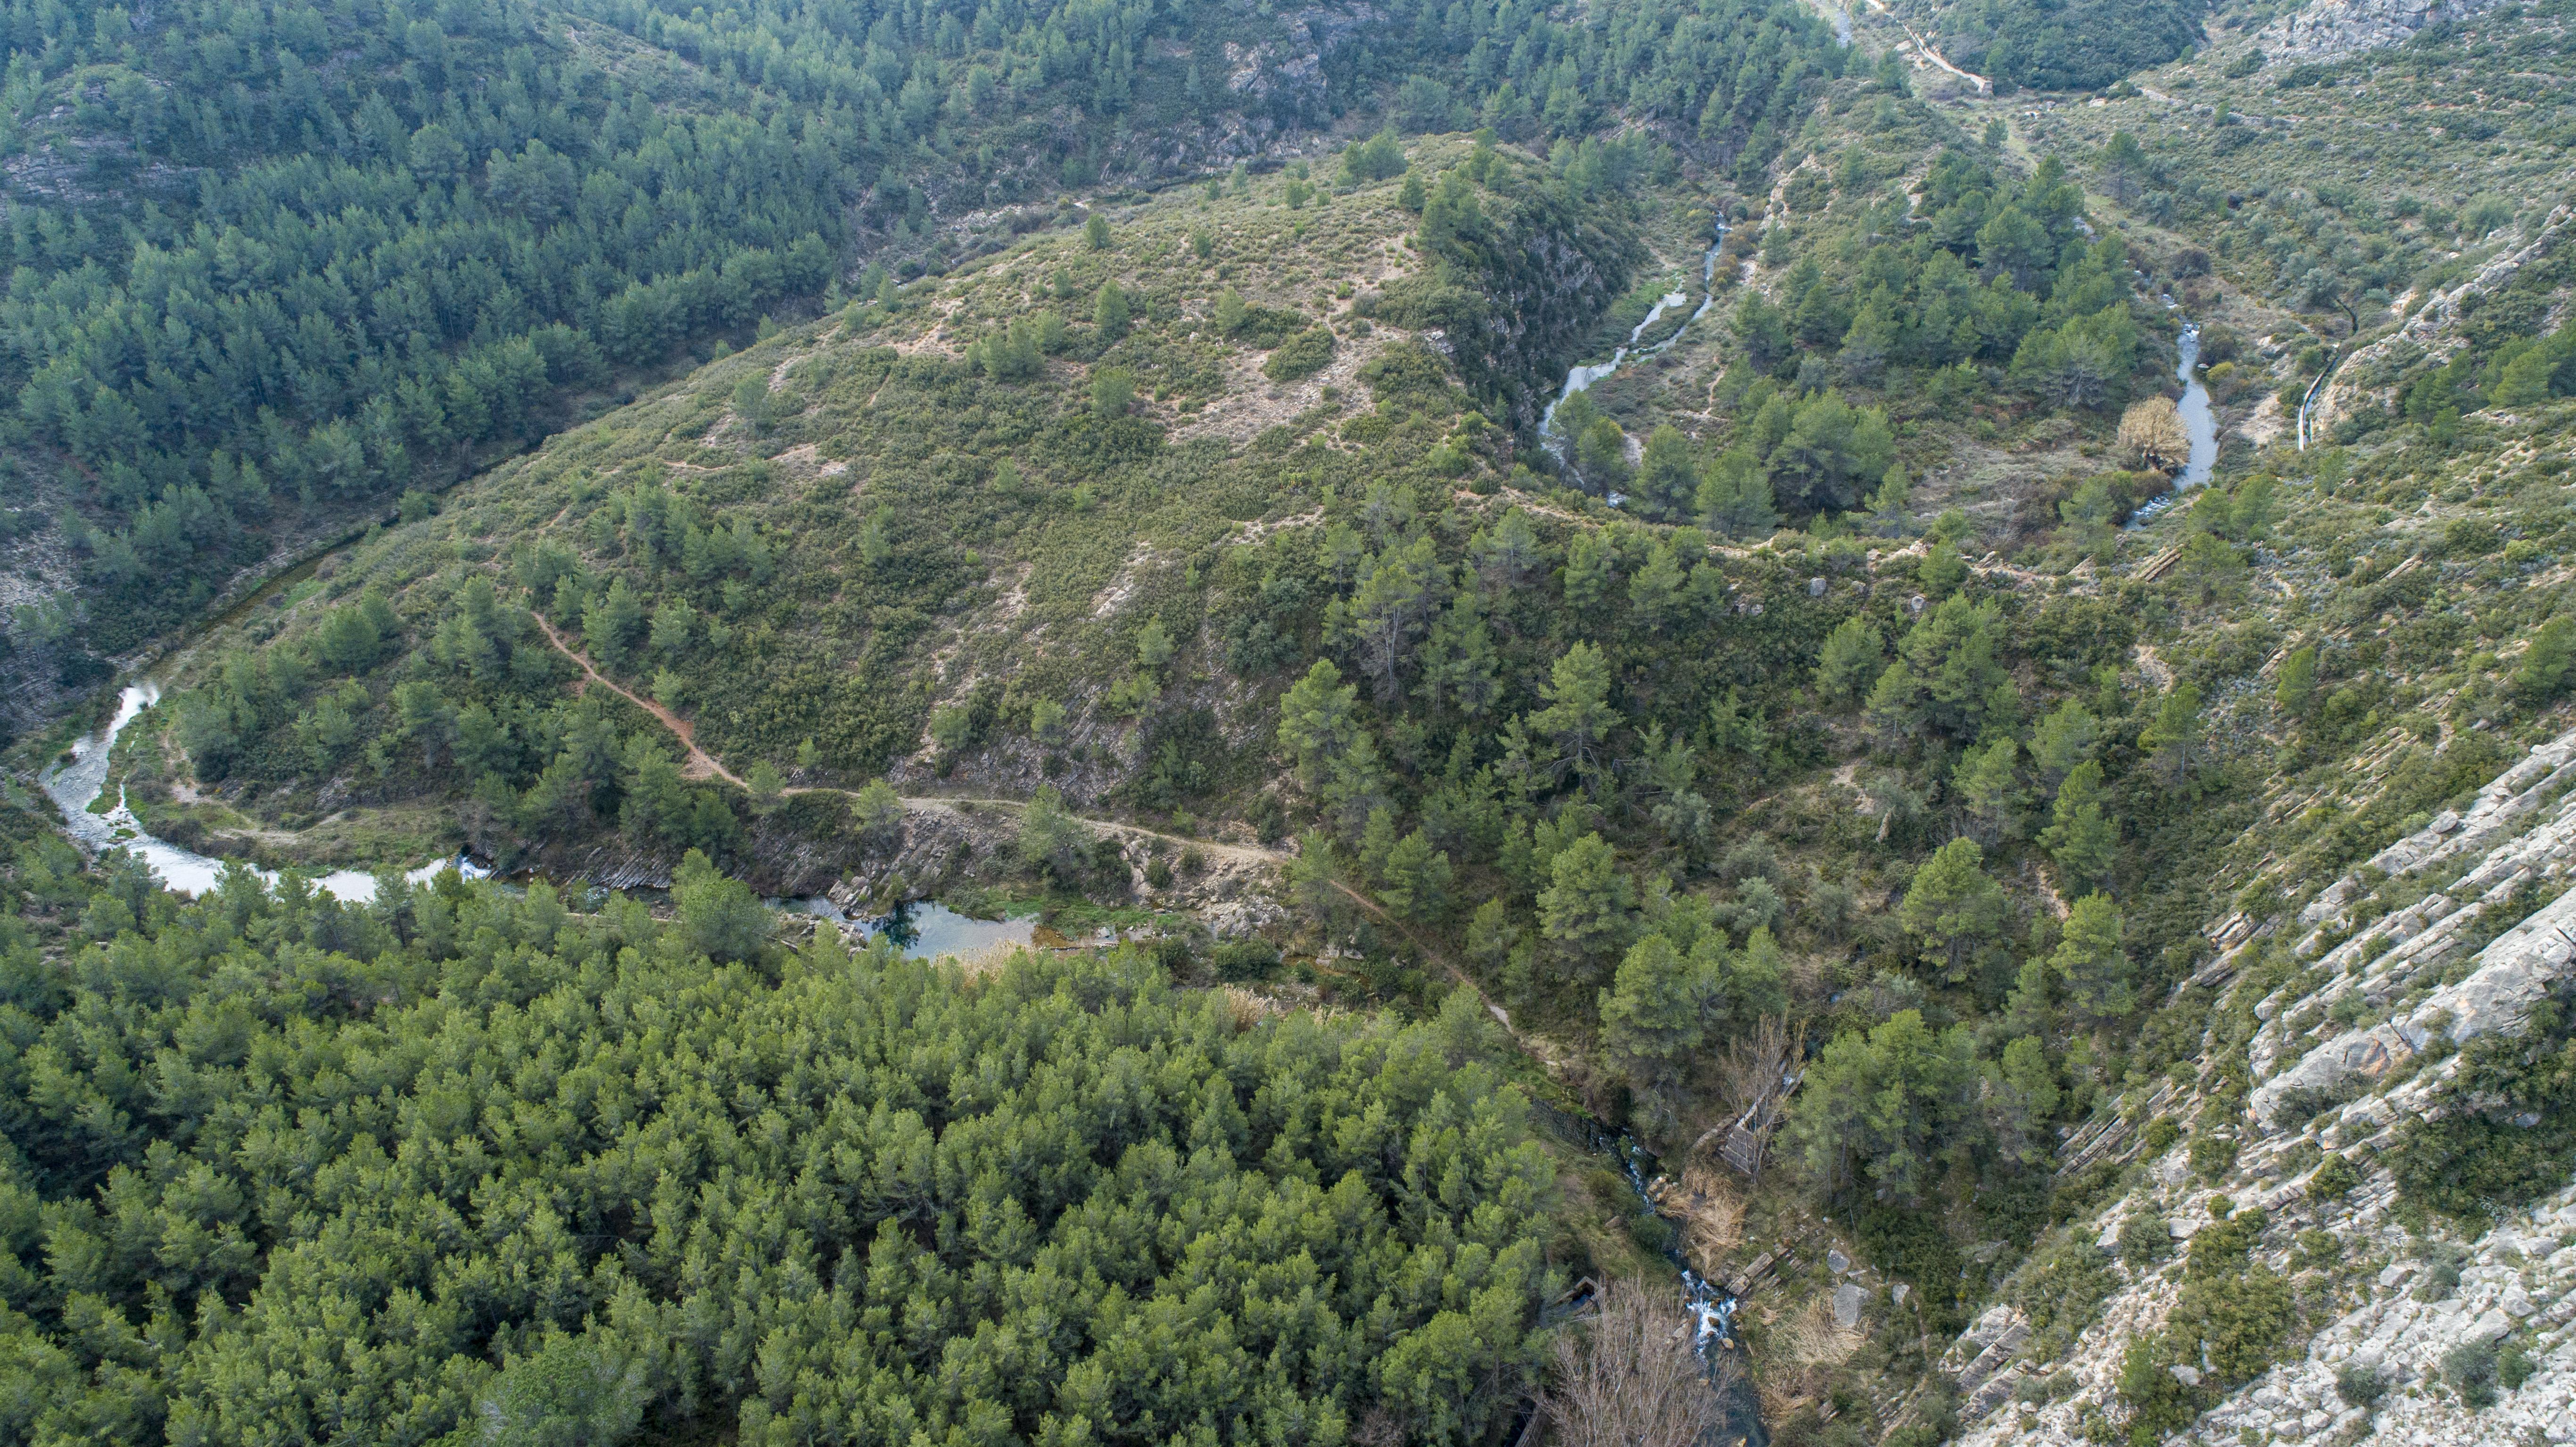 Vista aérea de un meandro del río Palancia. Imagen: Miteco